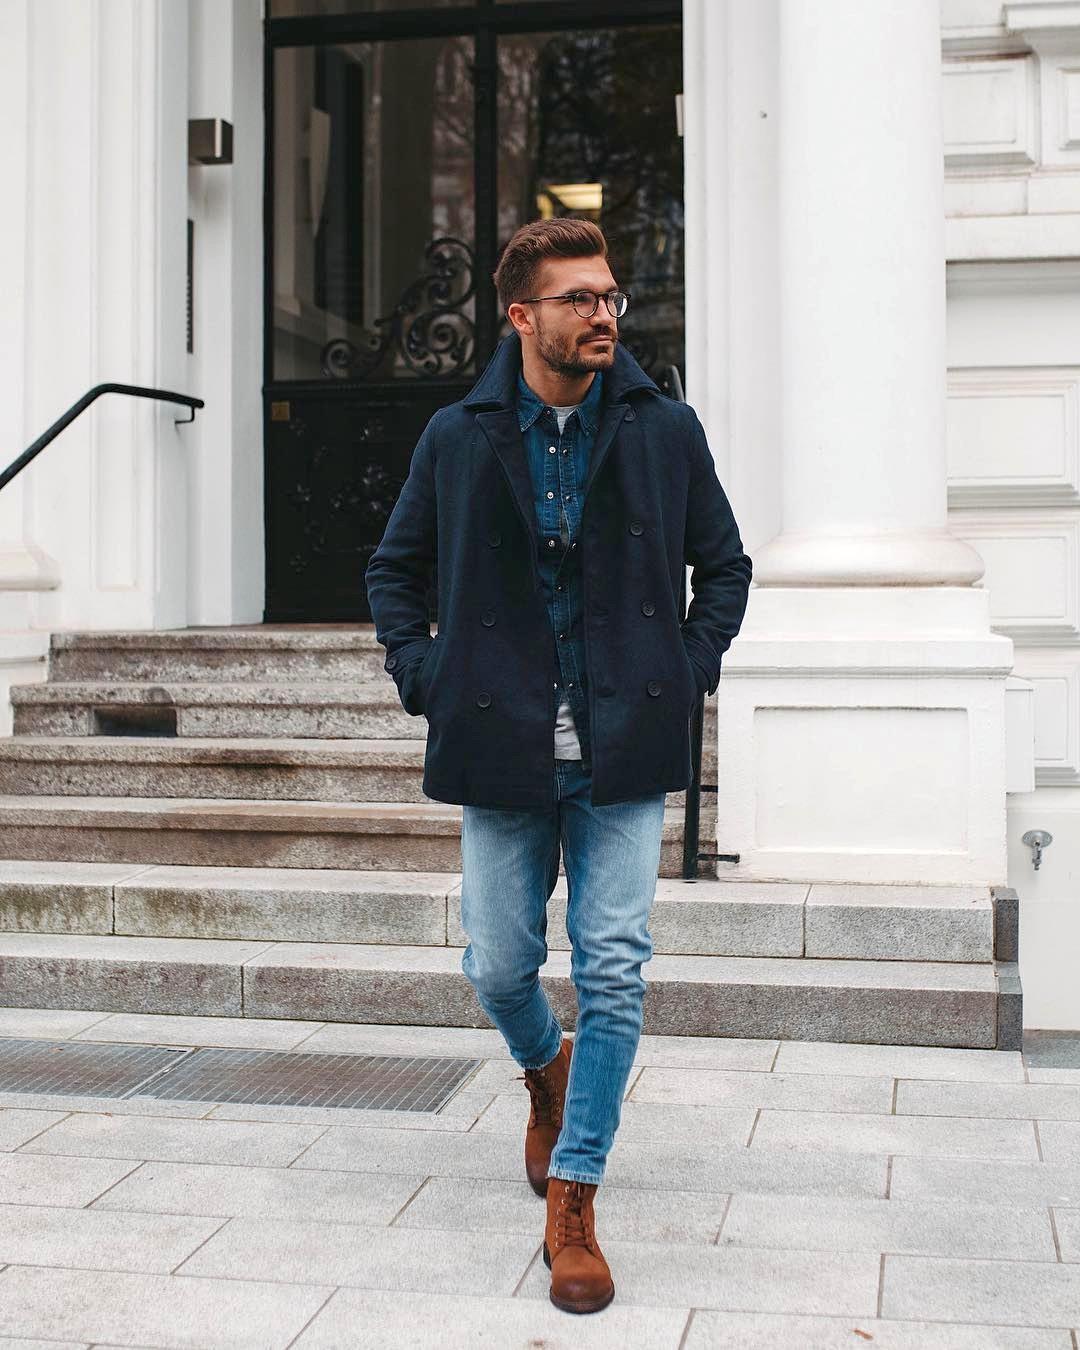 Vyras vilki tamsiai mėlyną paltą, mėlynus marškinius, šviesiai mėlynus džinsus